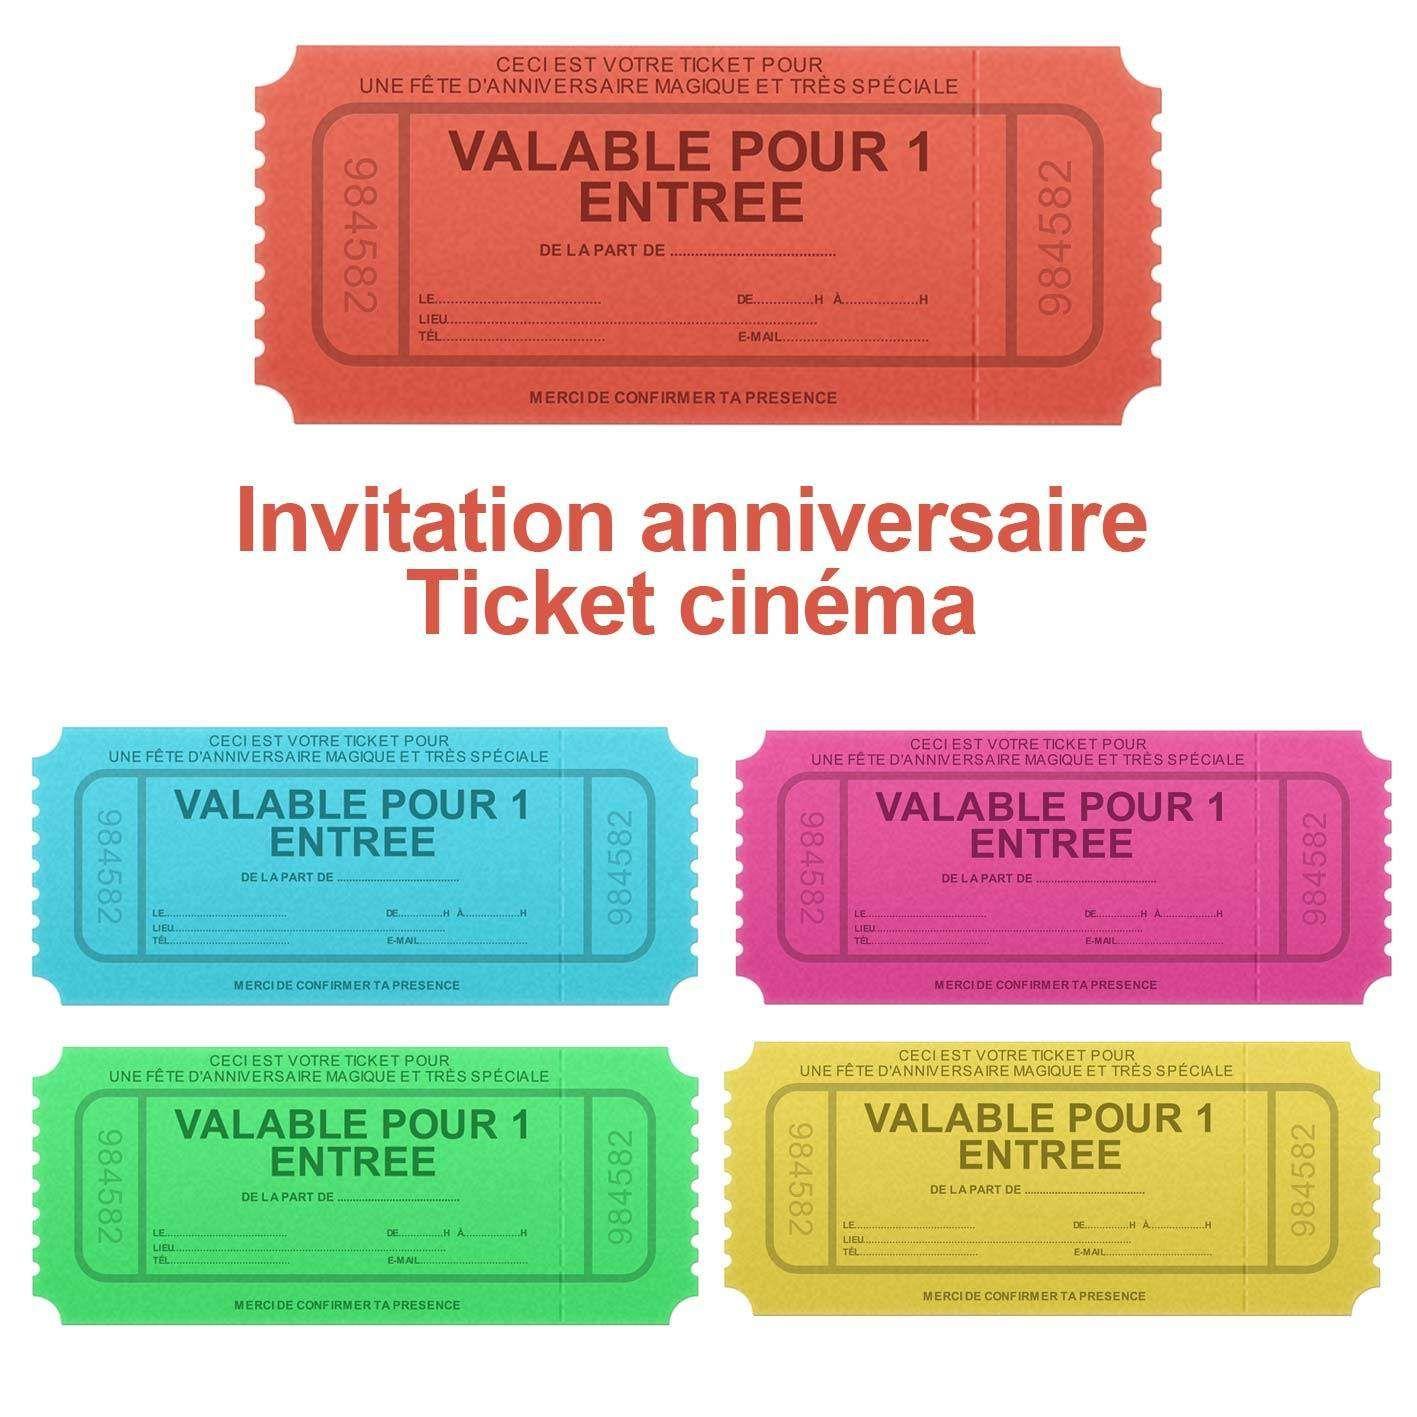 fete anniversaire cinema